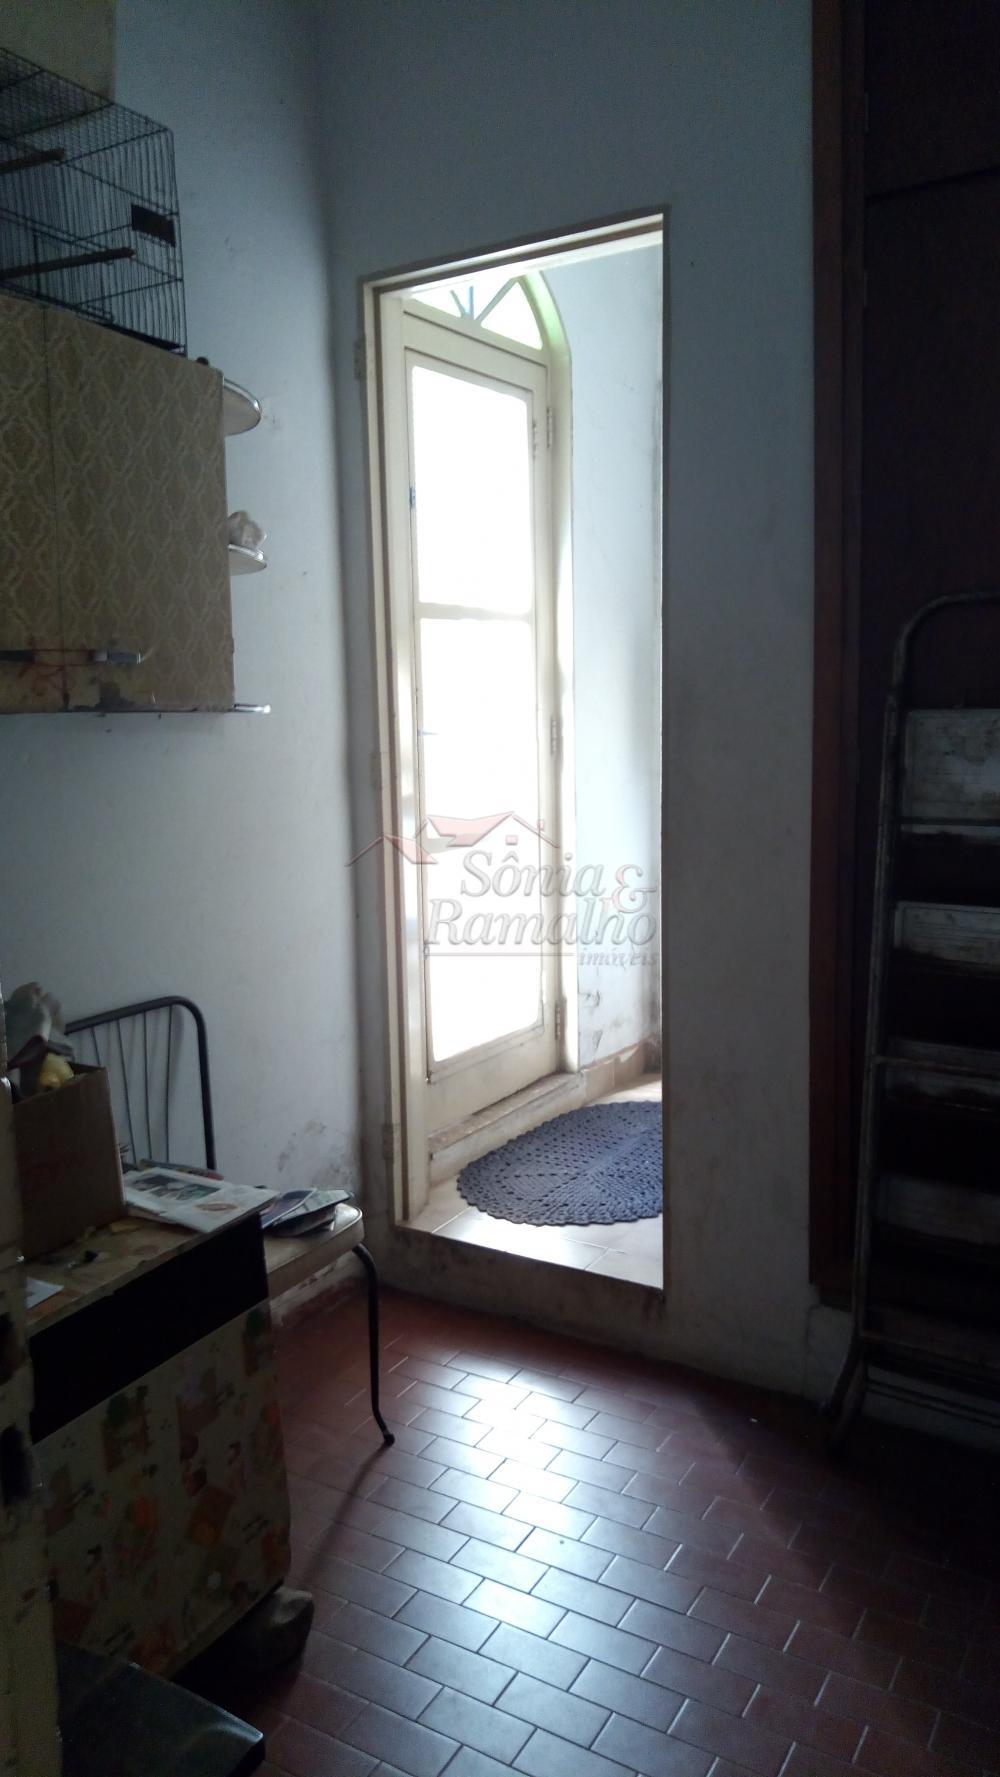 Comprar Casas / Padrão em Ribeirão Preto R$ 700.000,00 - Foto 17